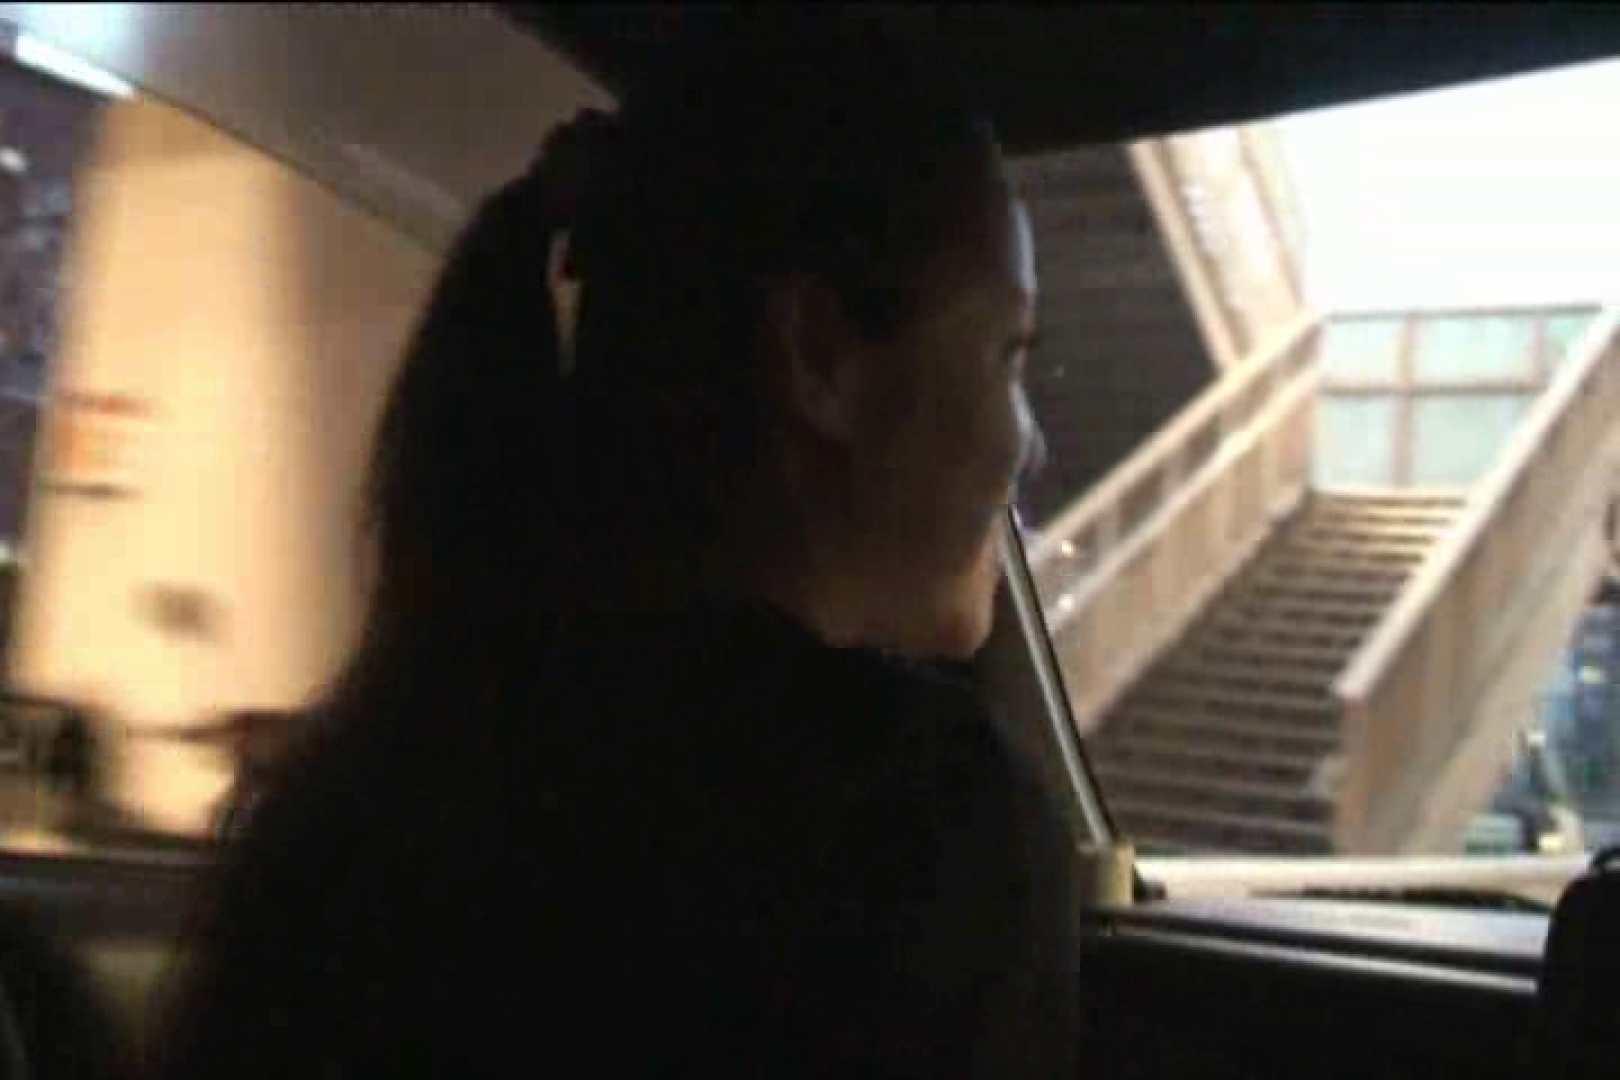 車内で初めまして! vol01 エッチな女達 アダルト動画キャプチャ 9枚 3